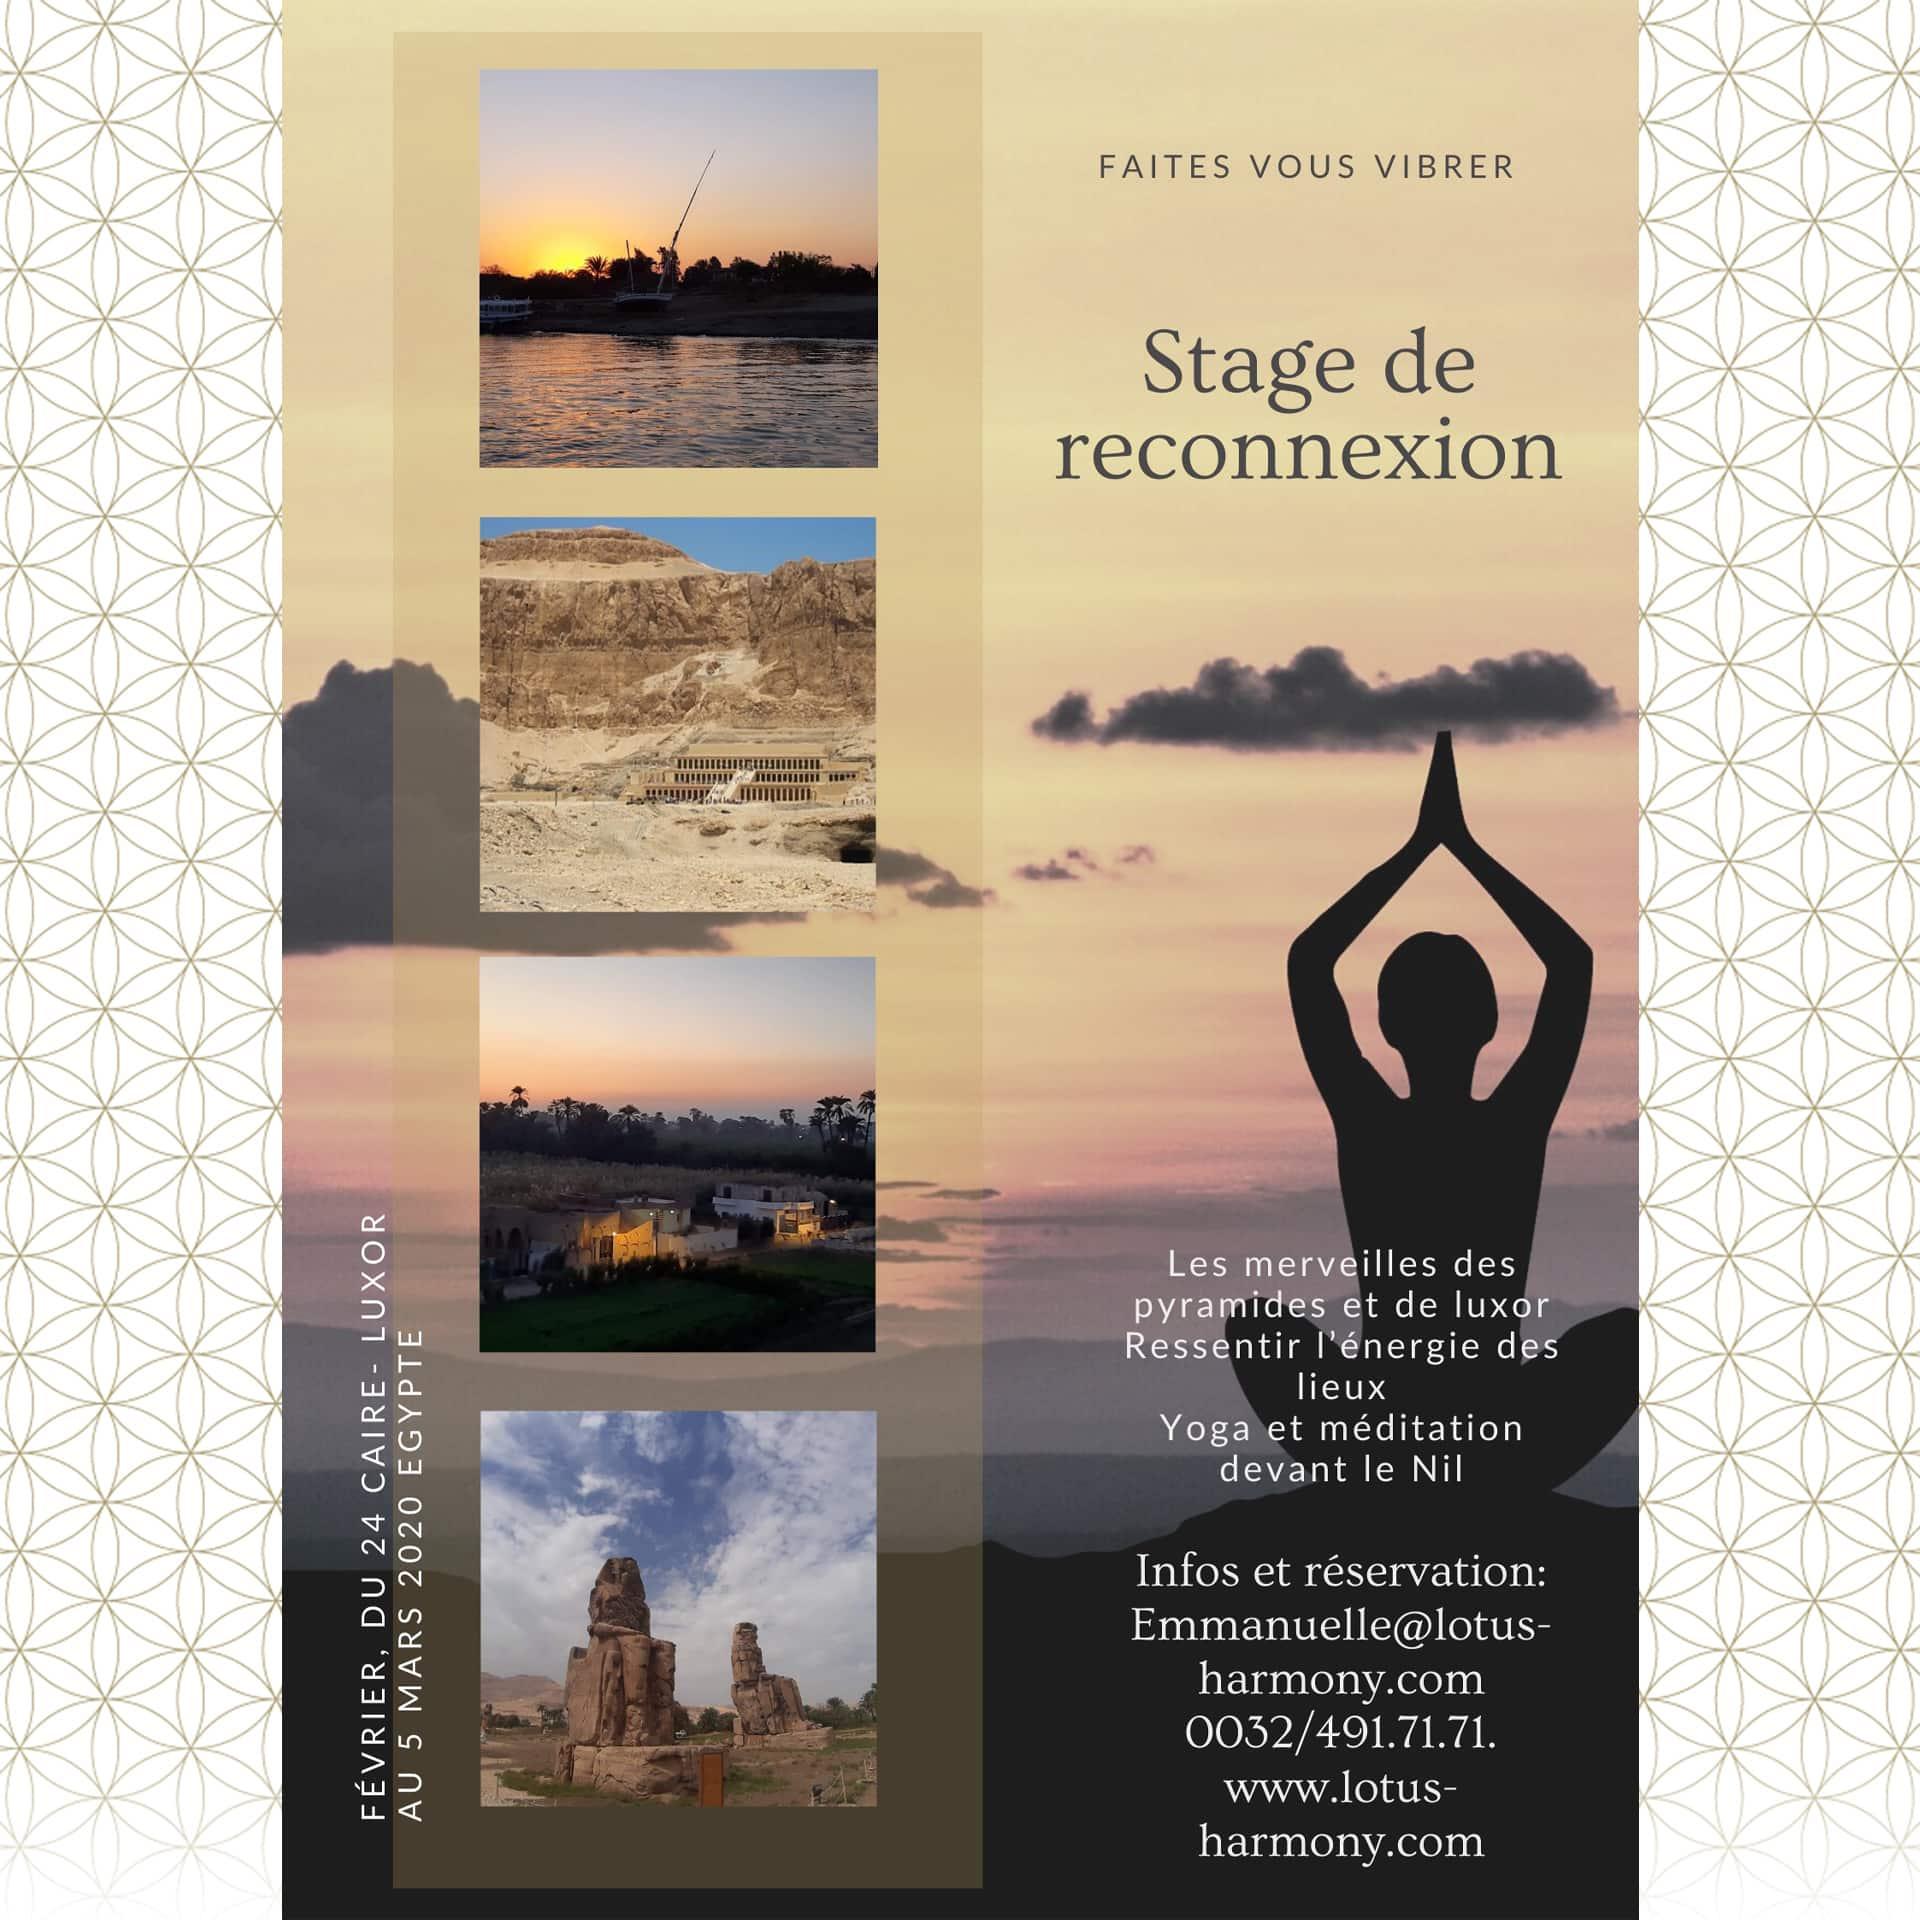 Voyage Égypte 2020 Lotus Harmony